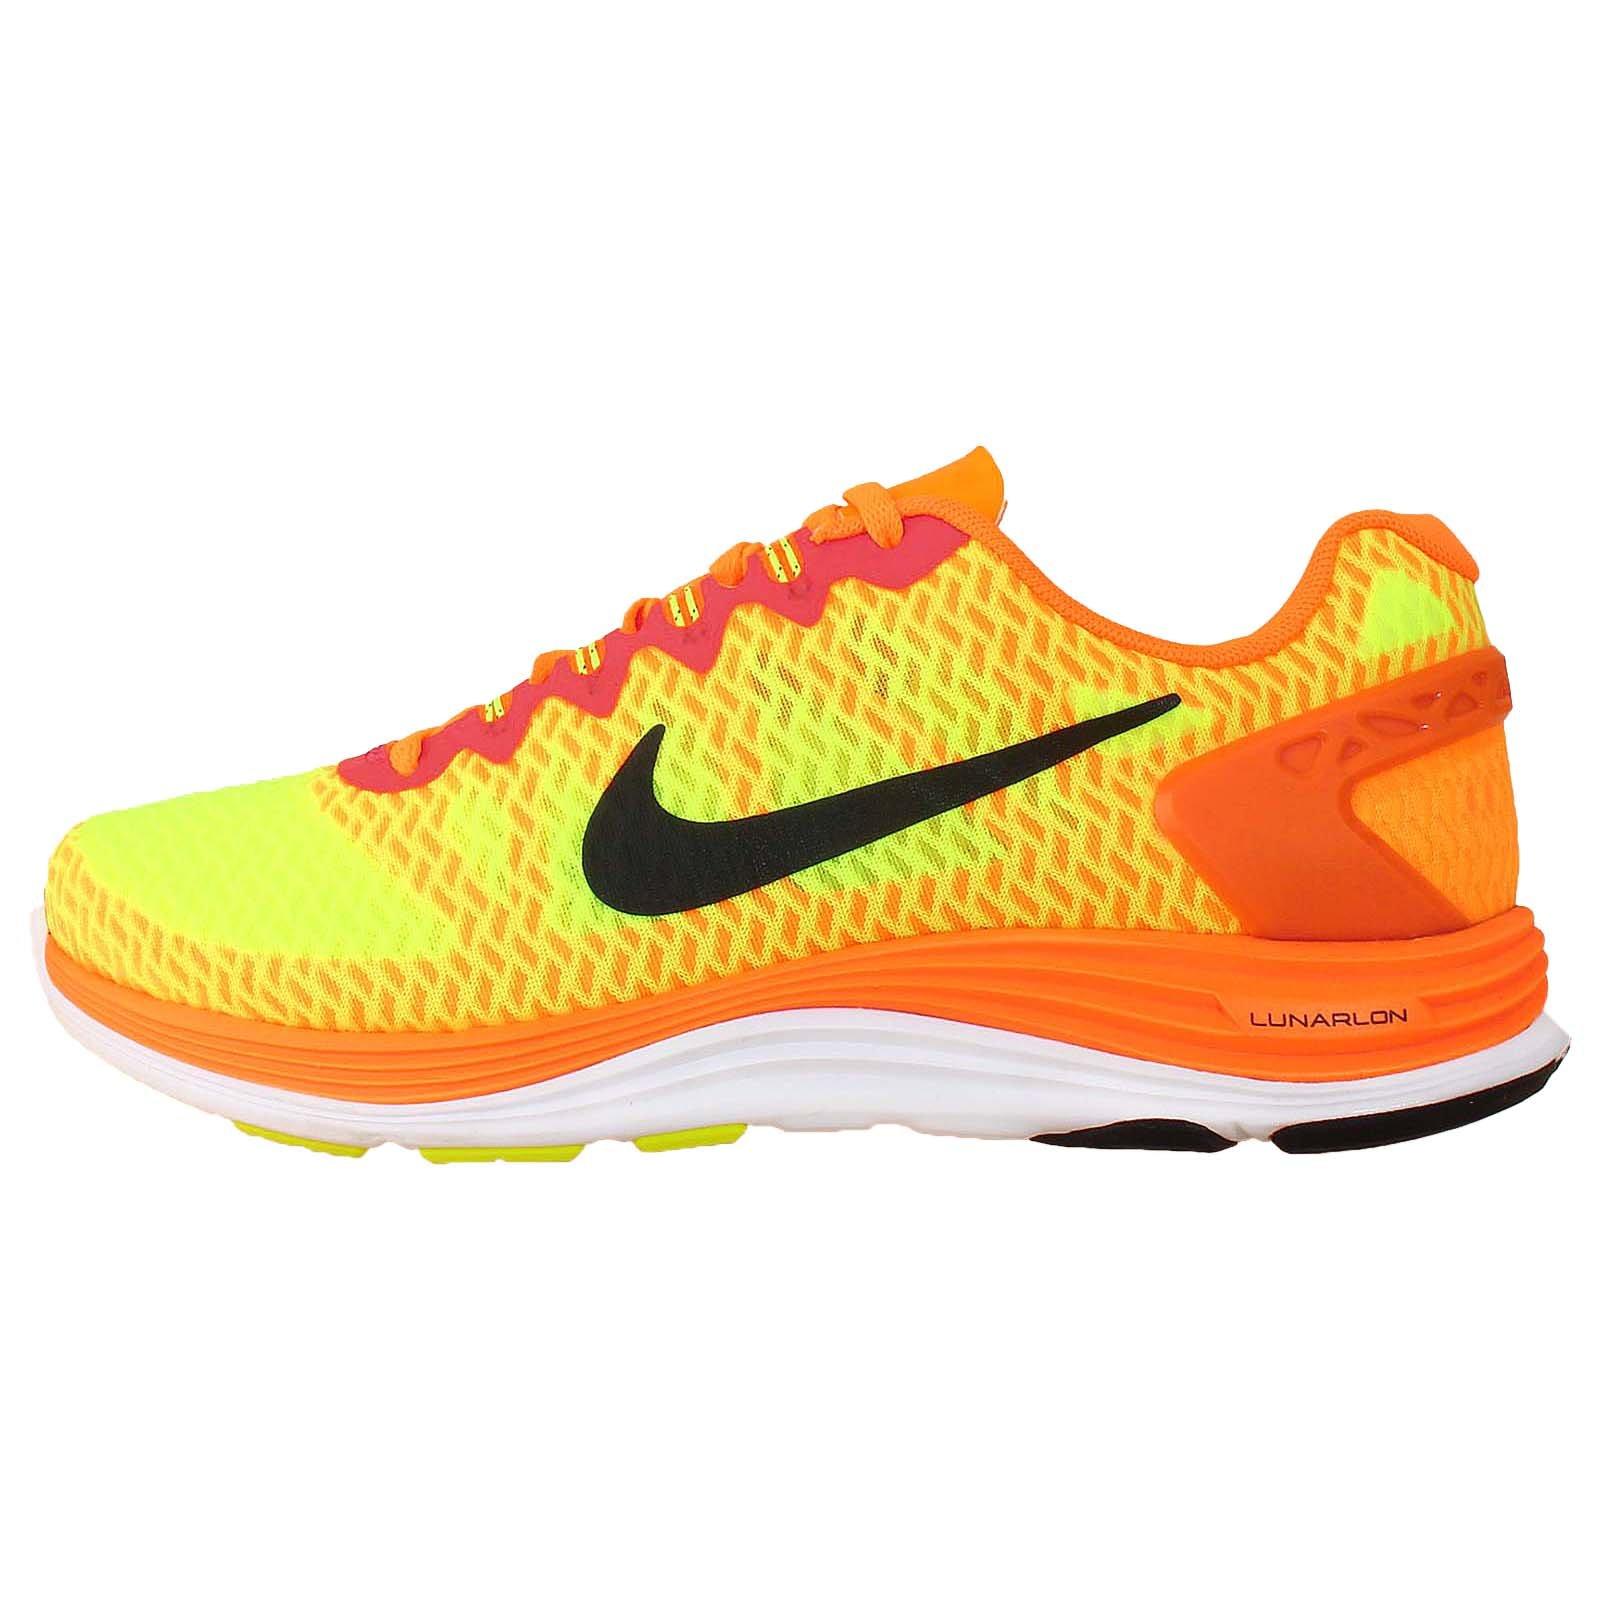 premium selection 0a786 37bb4 NIKE Lunarglide+ 5 Swift Bright Citrus Volt (648543-800) Mens Shoes